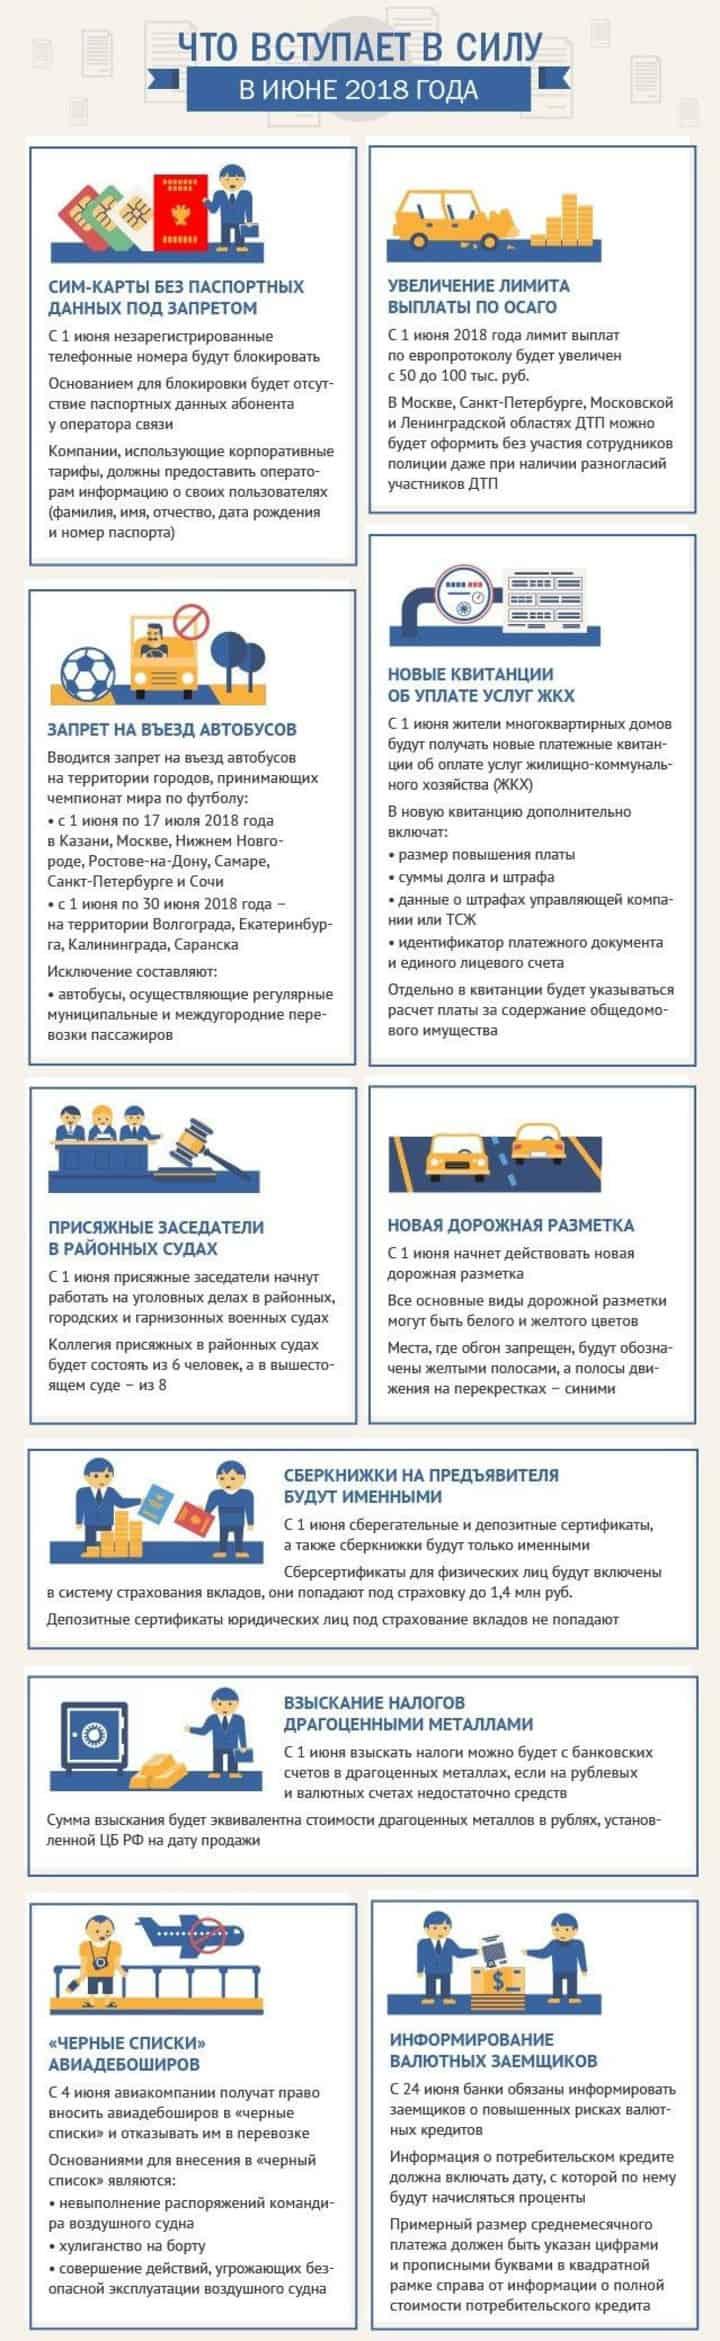 Изменения в законодательстве 1 июня